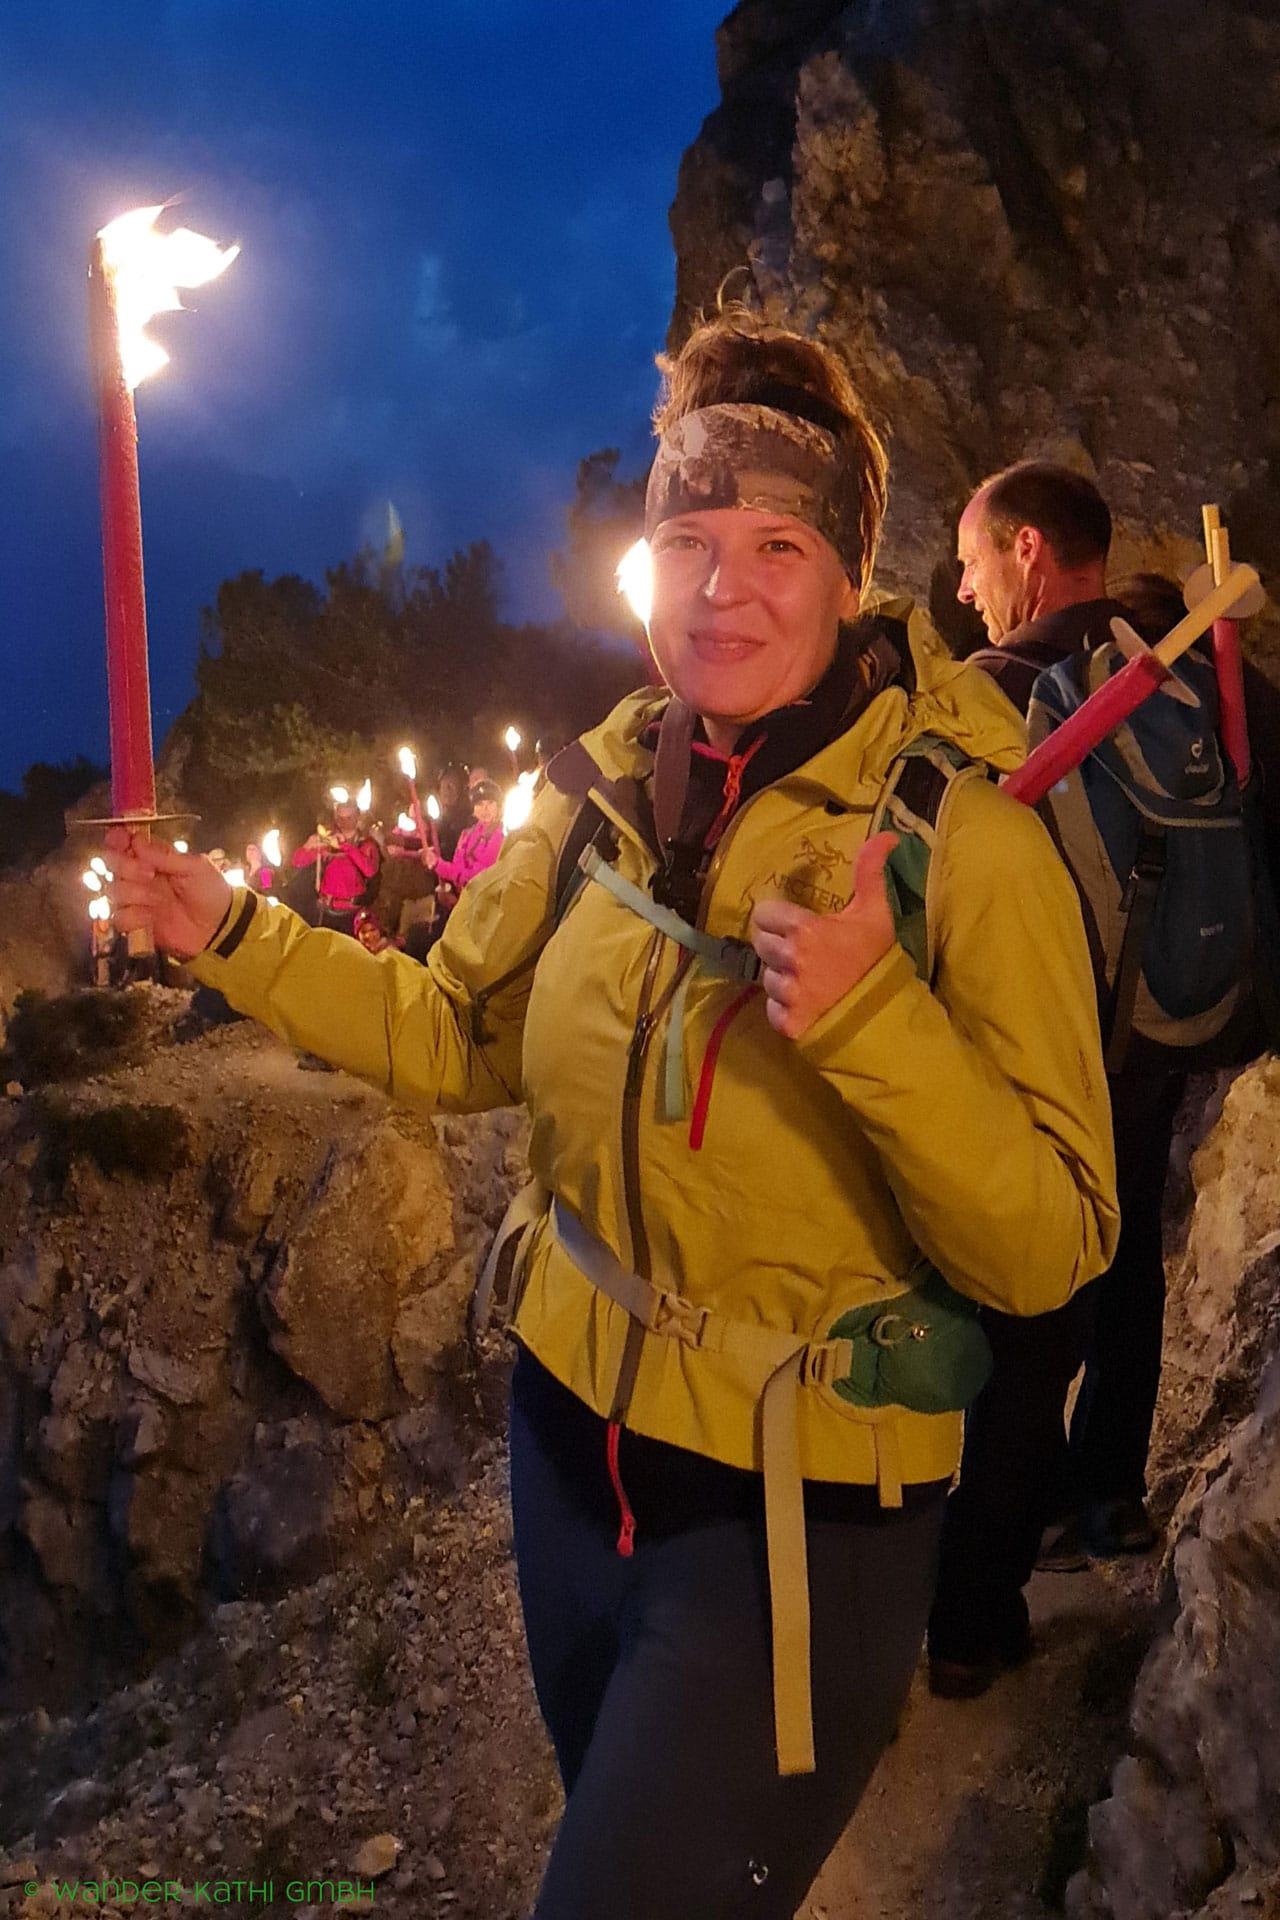 liechtenstein-wandern-fackelwanderung-harmonie-wander-kathi